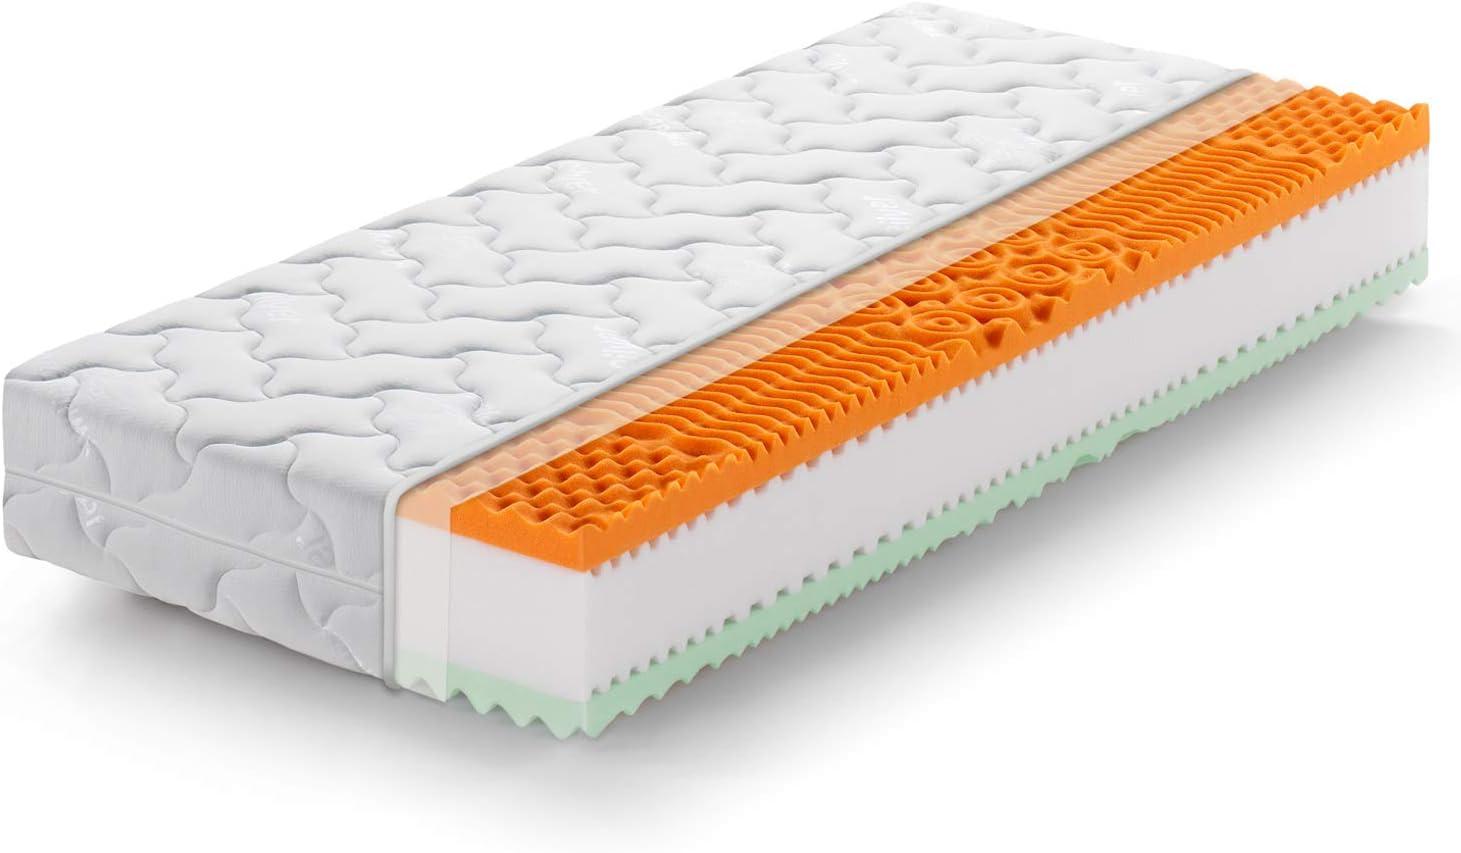 Marcapiuma - Colchón viscoelástico Individual Memory Bio 80x190 Alto 22 cm - Rainbow Plus - H3 Firme 5 Zonas Producto Sanitario CE Funda desenfundable Silver Antiácaros 100% Fabricado en Italia